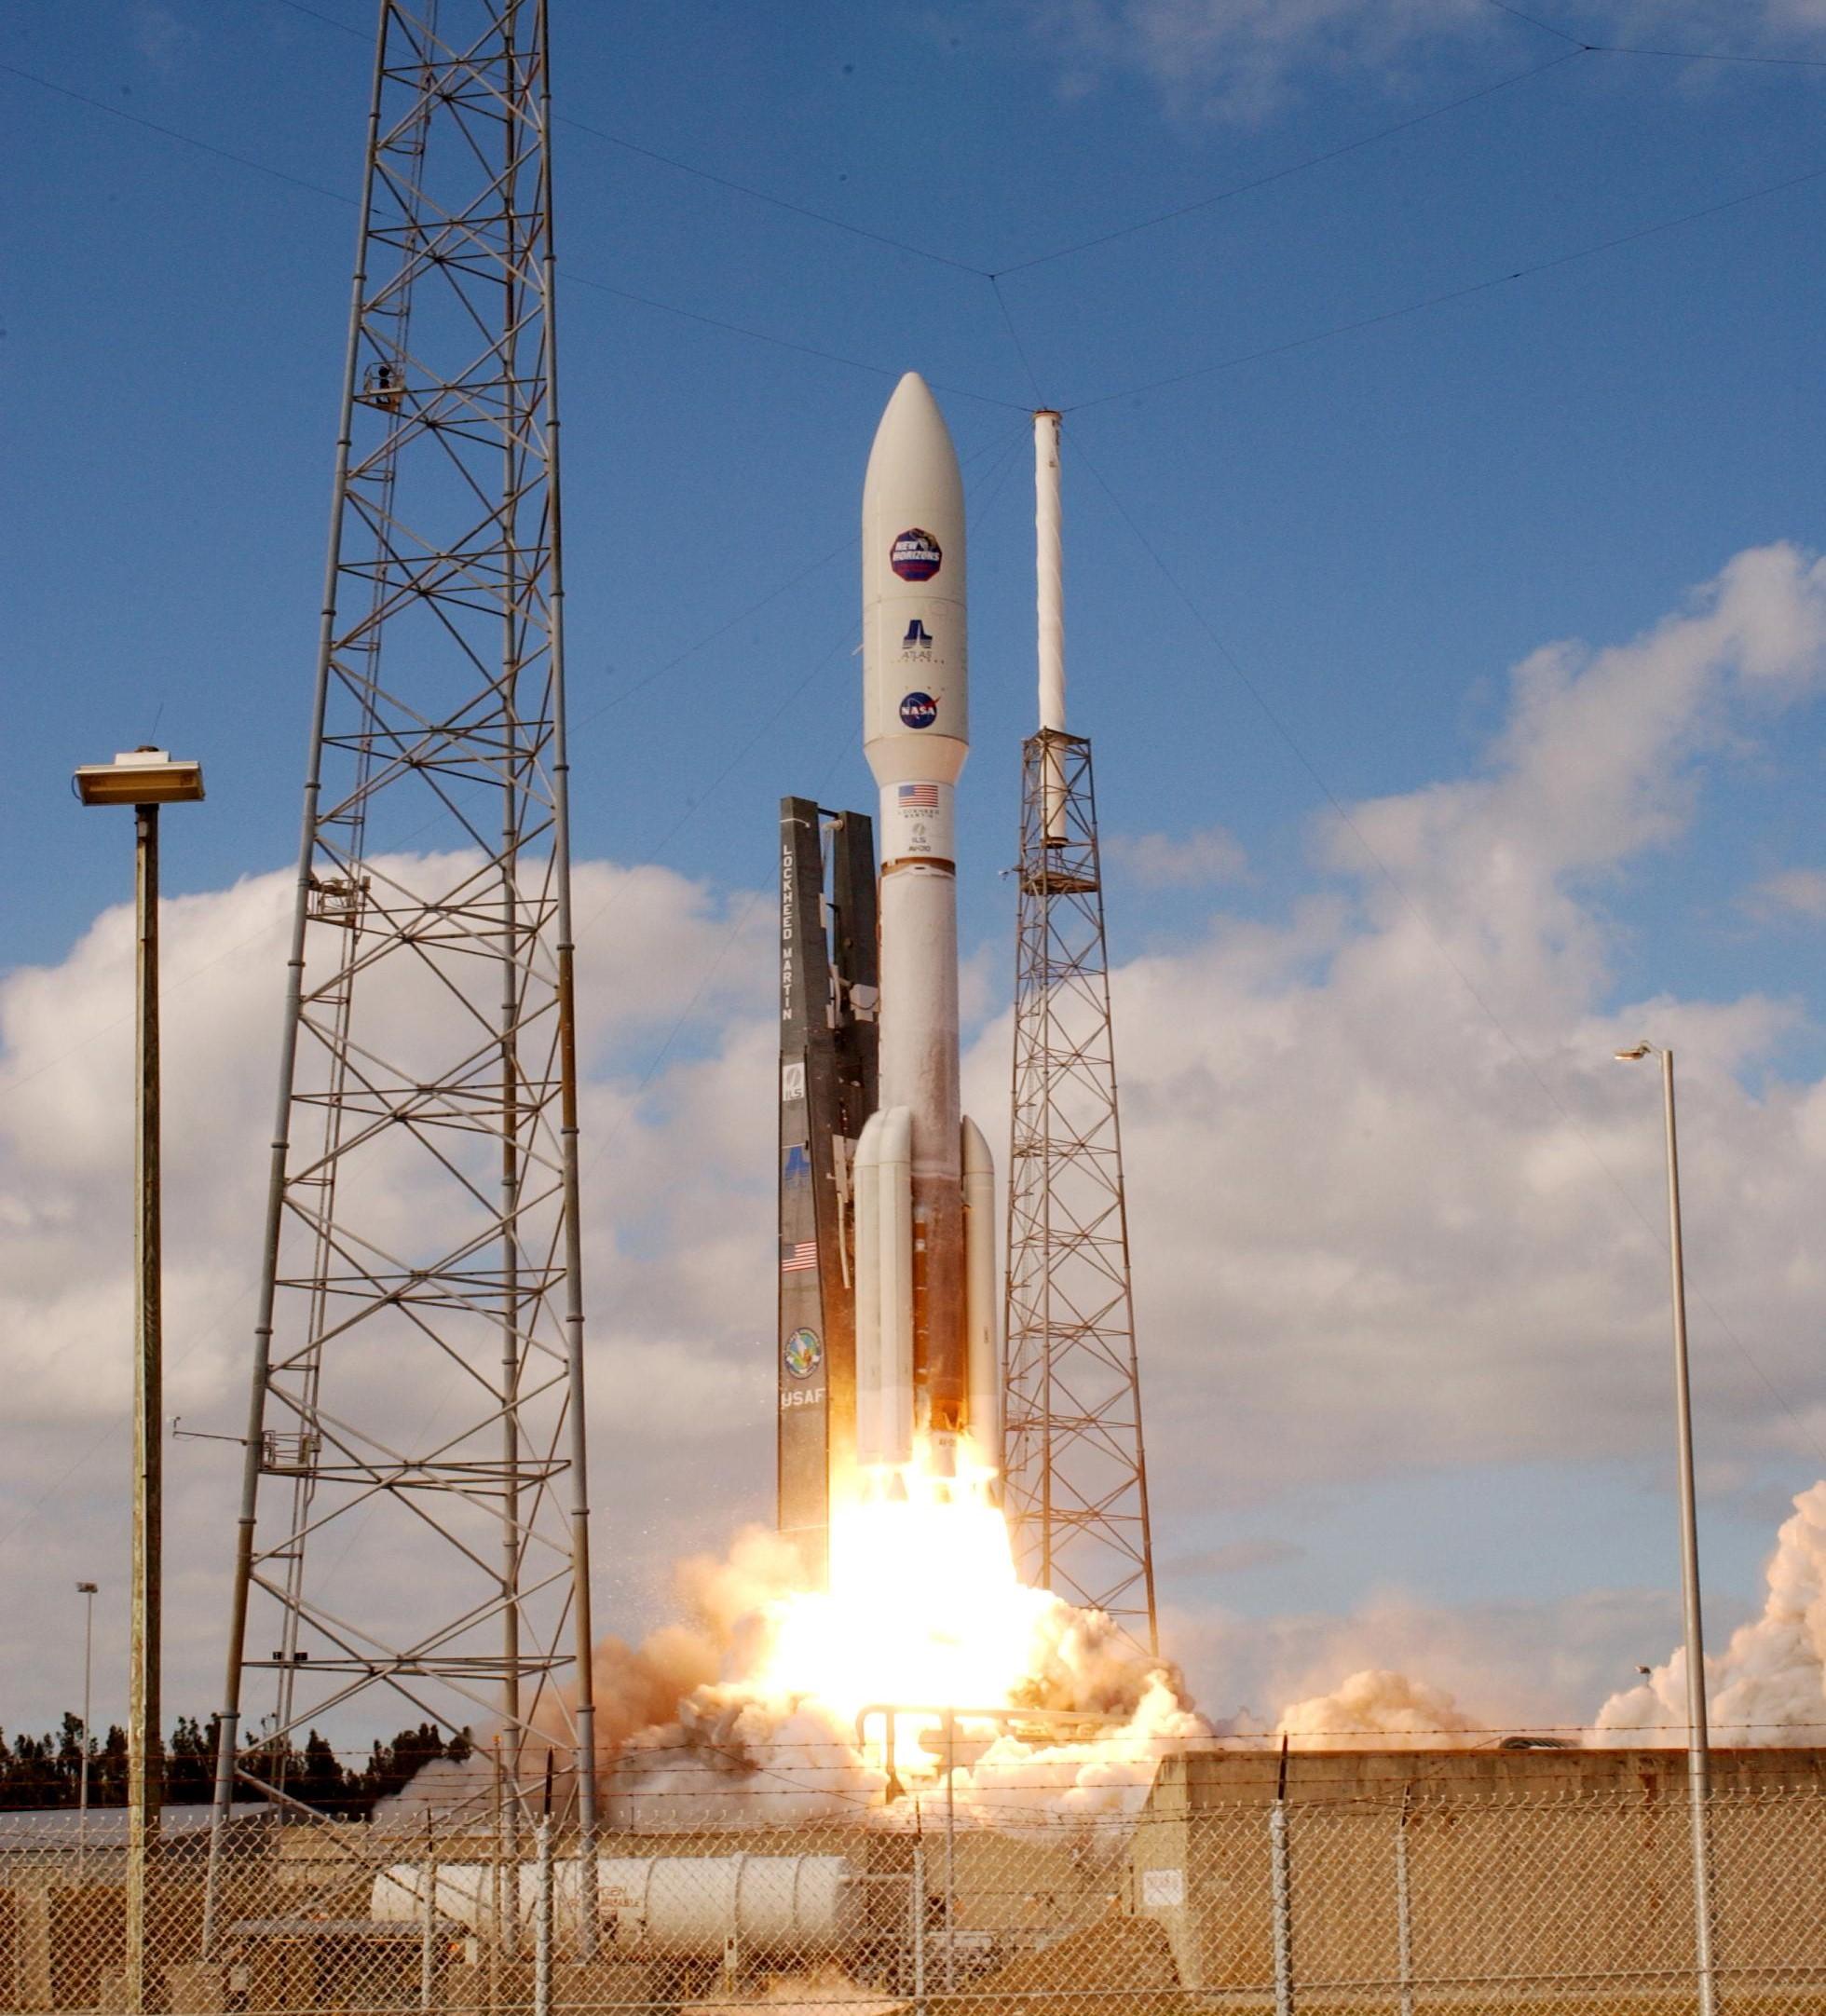 New_Horizons_launch